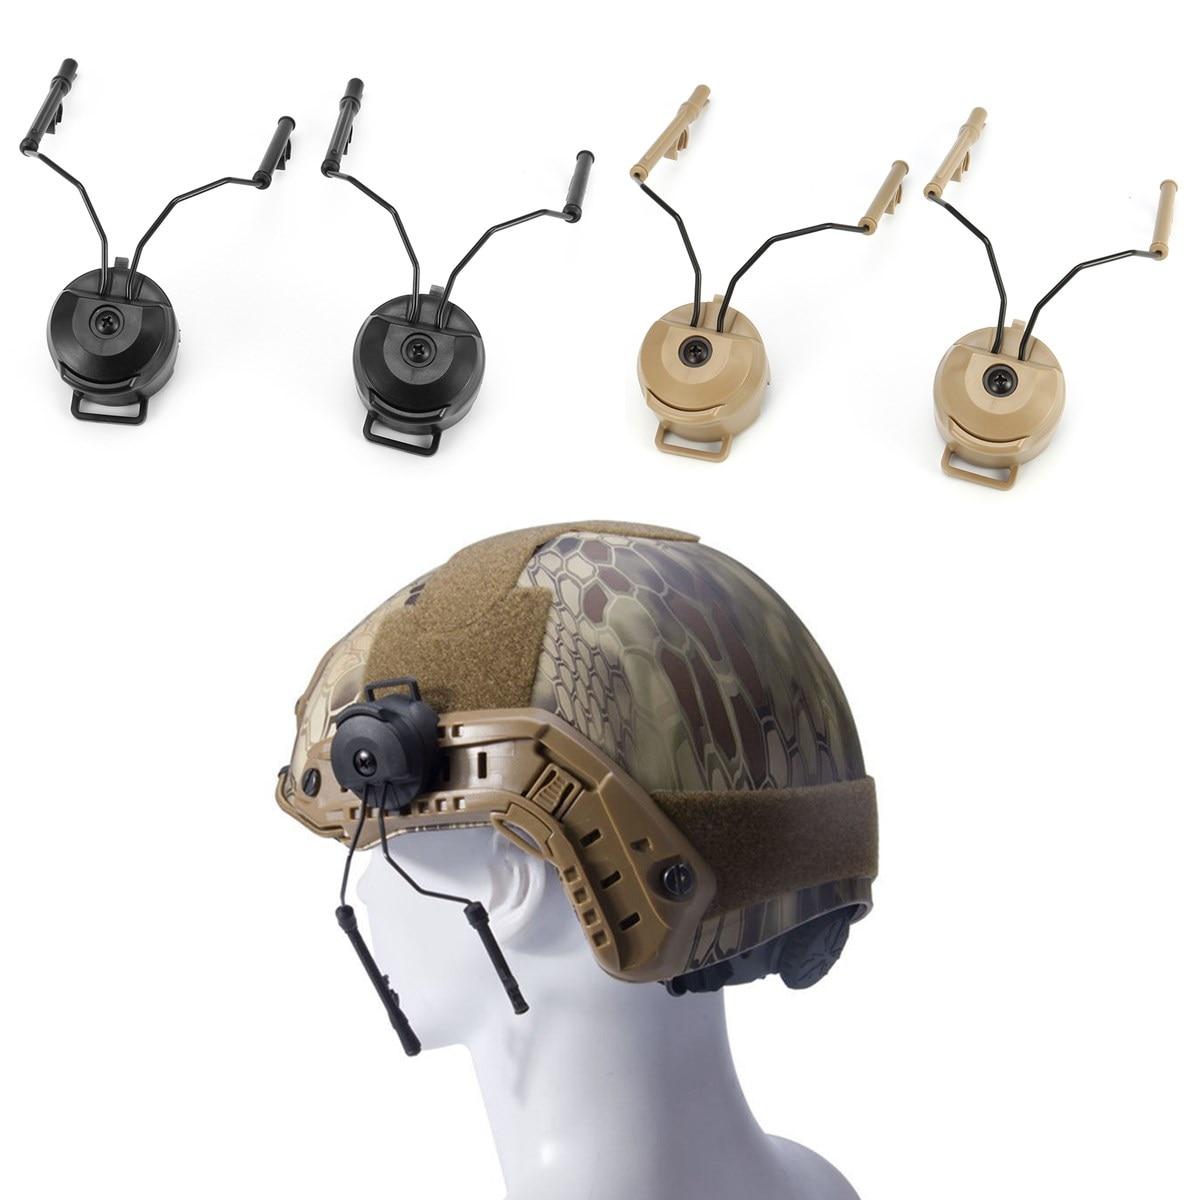 Z-tactique casque Rail adaptateur Set pour Comtac casque militaire casque adaptateur Peltor Comtac casque barre Rail AirsoftZ-tactique casque Rail adaptateur Set pour Comtac casque militaire casque adaptateur Peltor Comtac casque barre Rail Airsoft